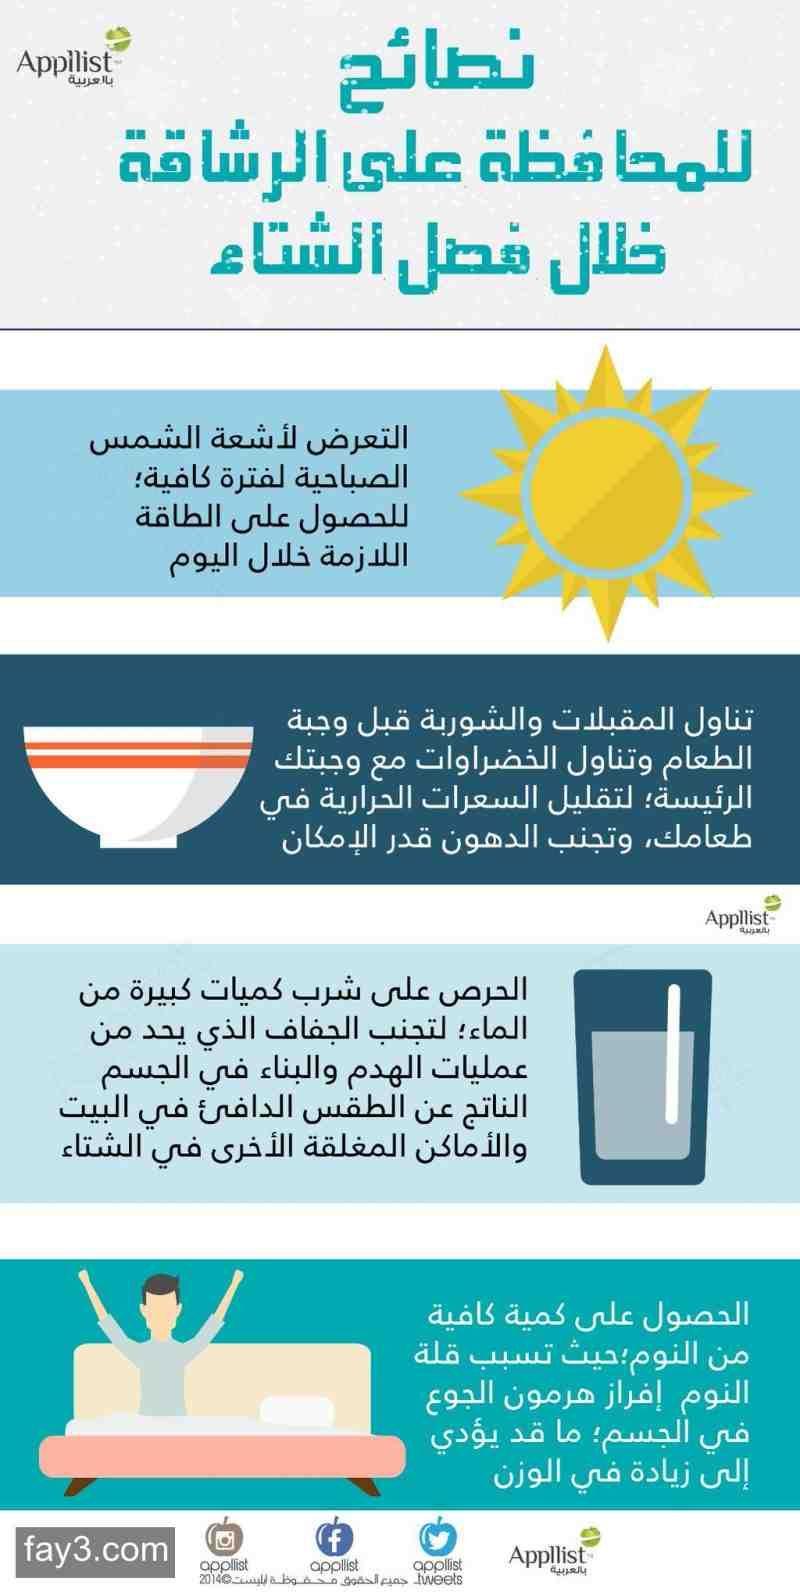 نصائح للمحافظة على الرشاقة في فصل الشتاء انفوجرافيك تخسيس Health Facts How To Stay Healthy Health Facts Food